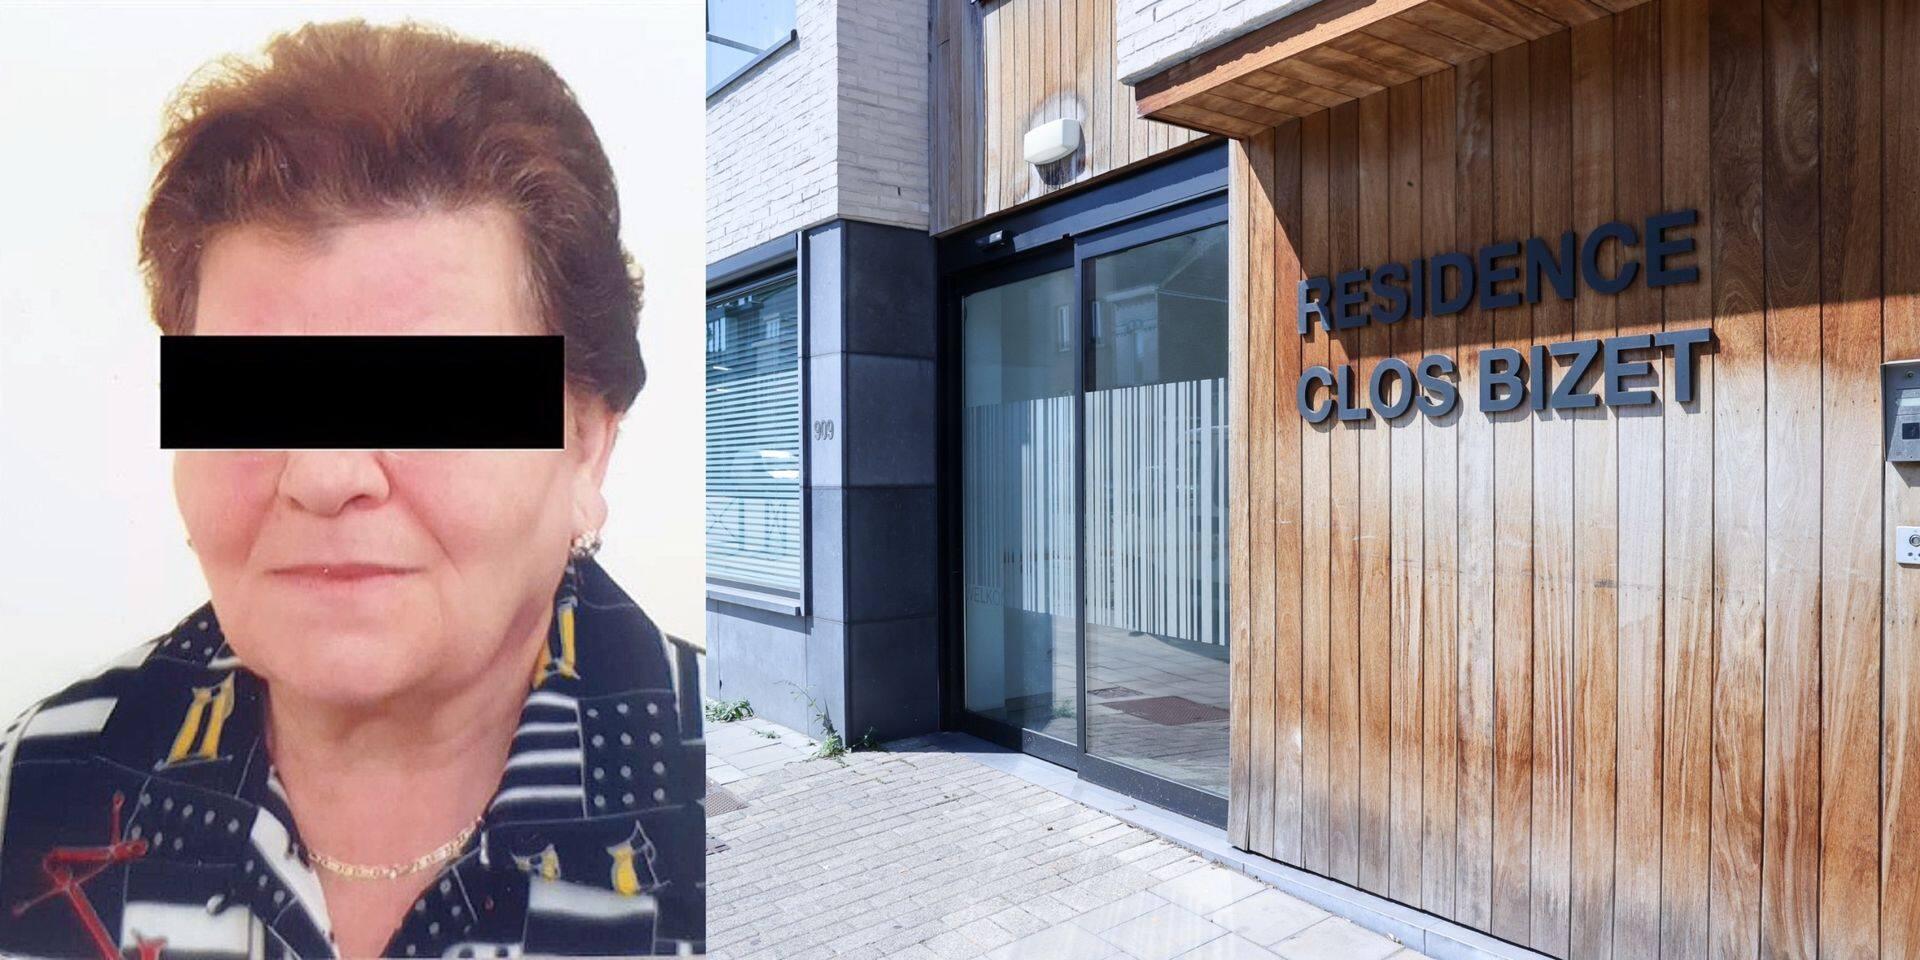 Grazia tuée dans une maison de repos à Anderlecht: un suspect placé sous mandat d'arrêt